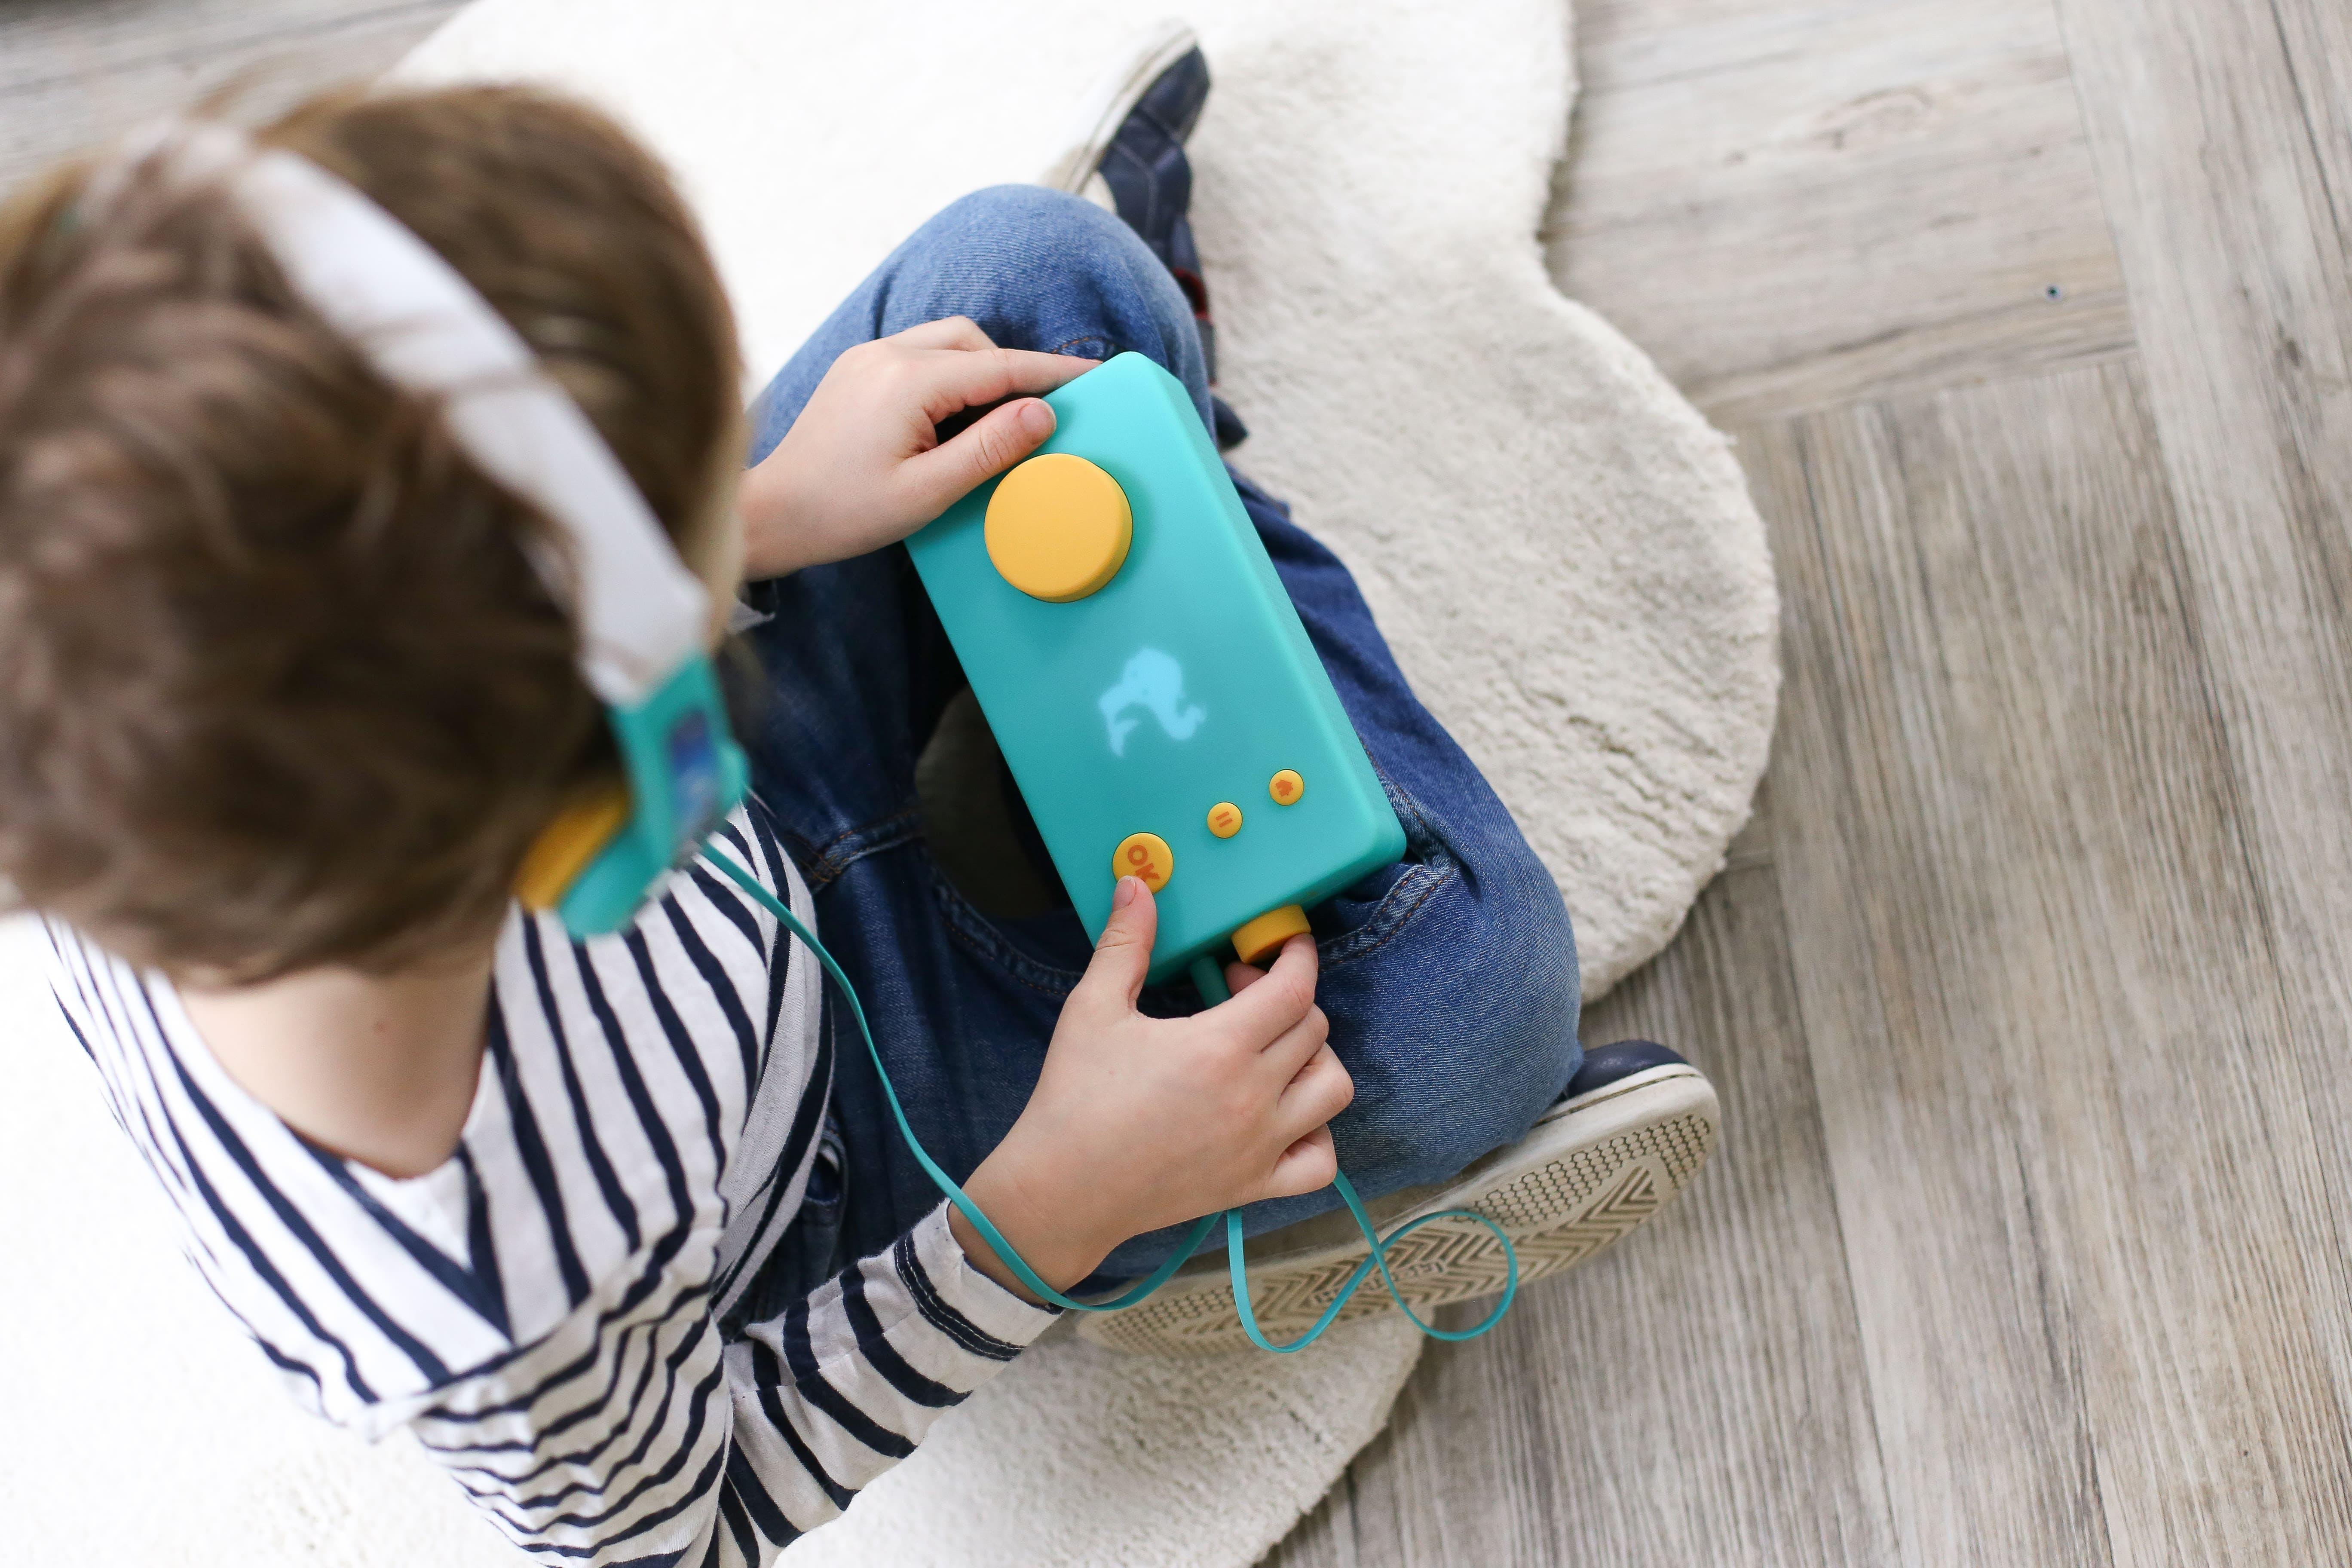 Kinder auf intelligente Weise beschäftigen